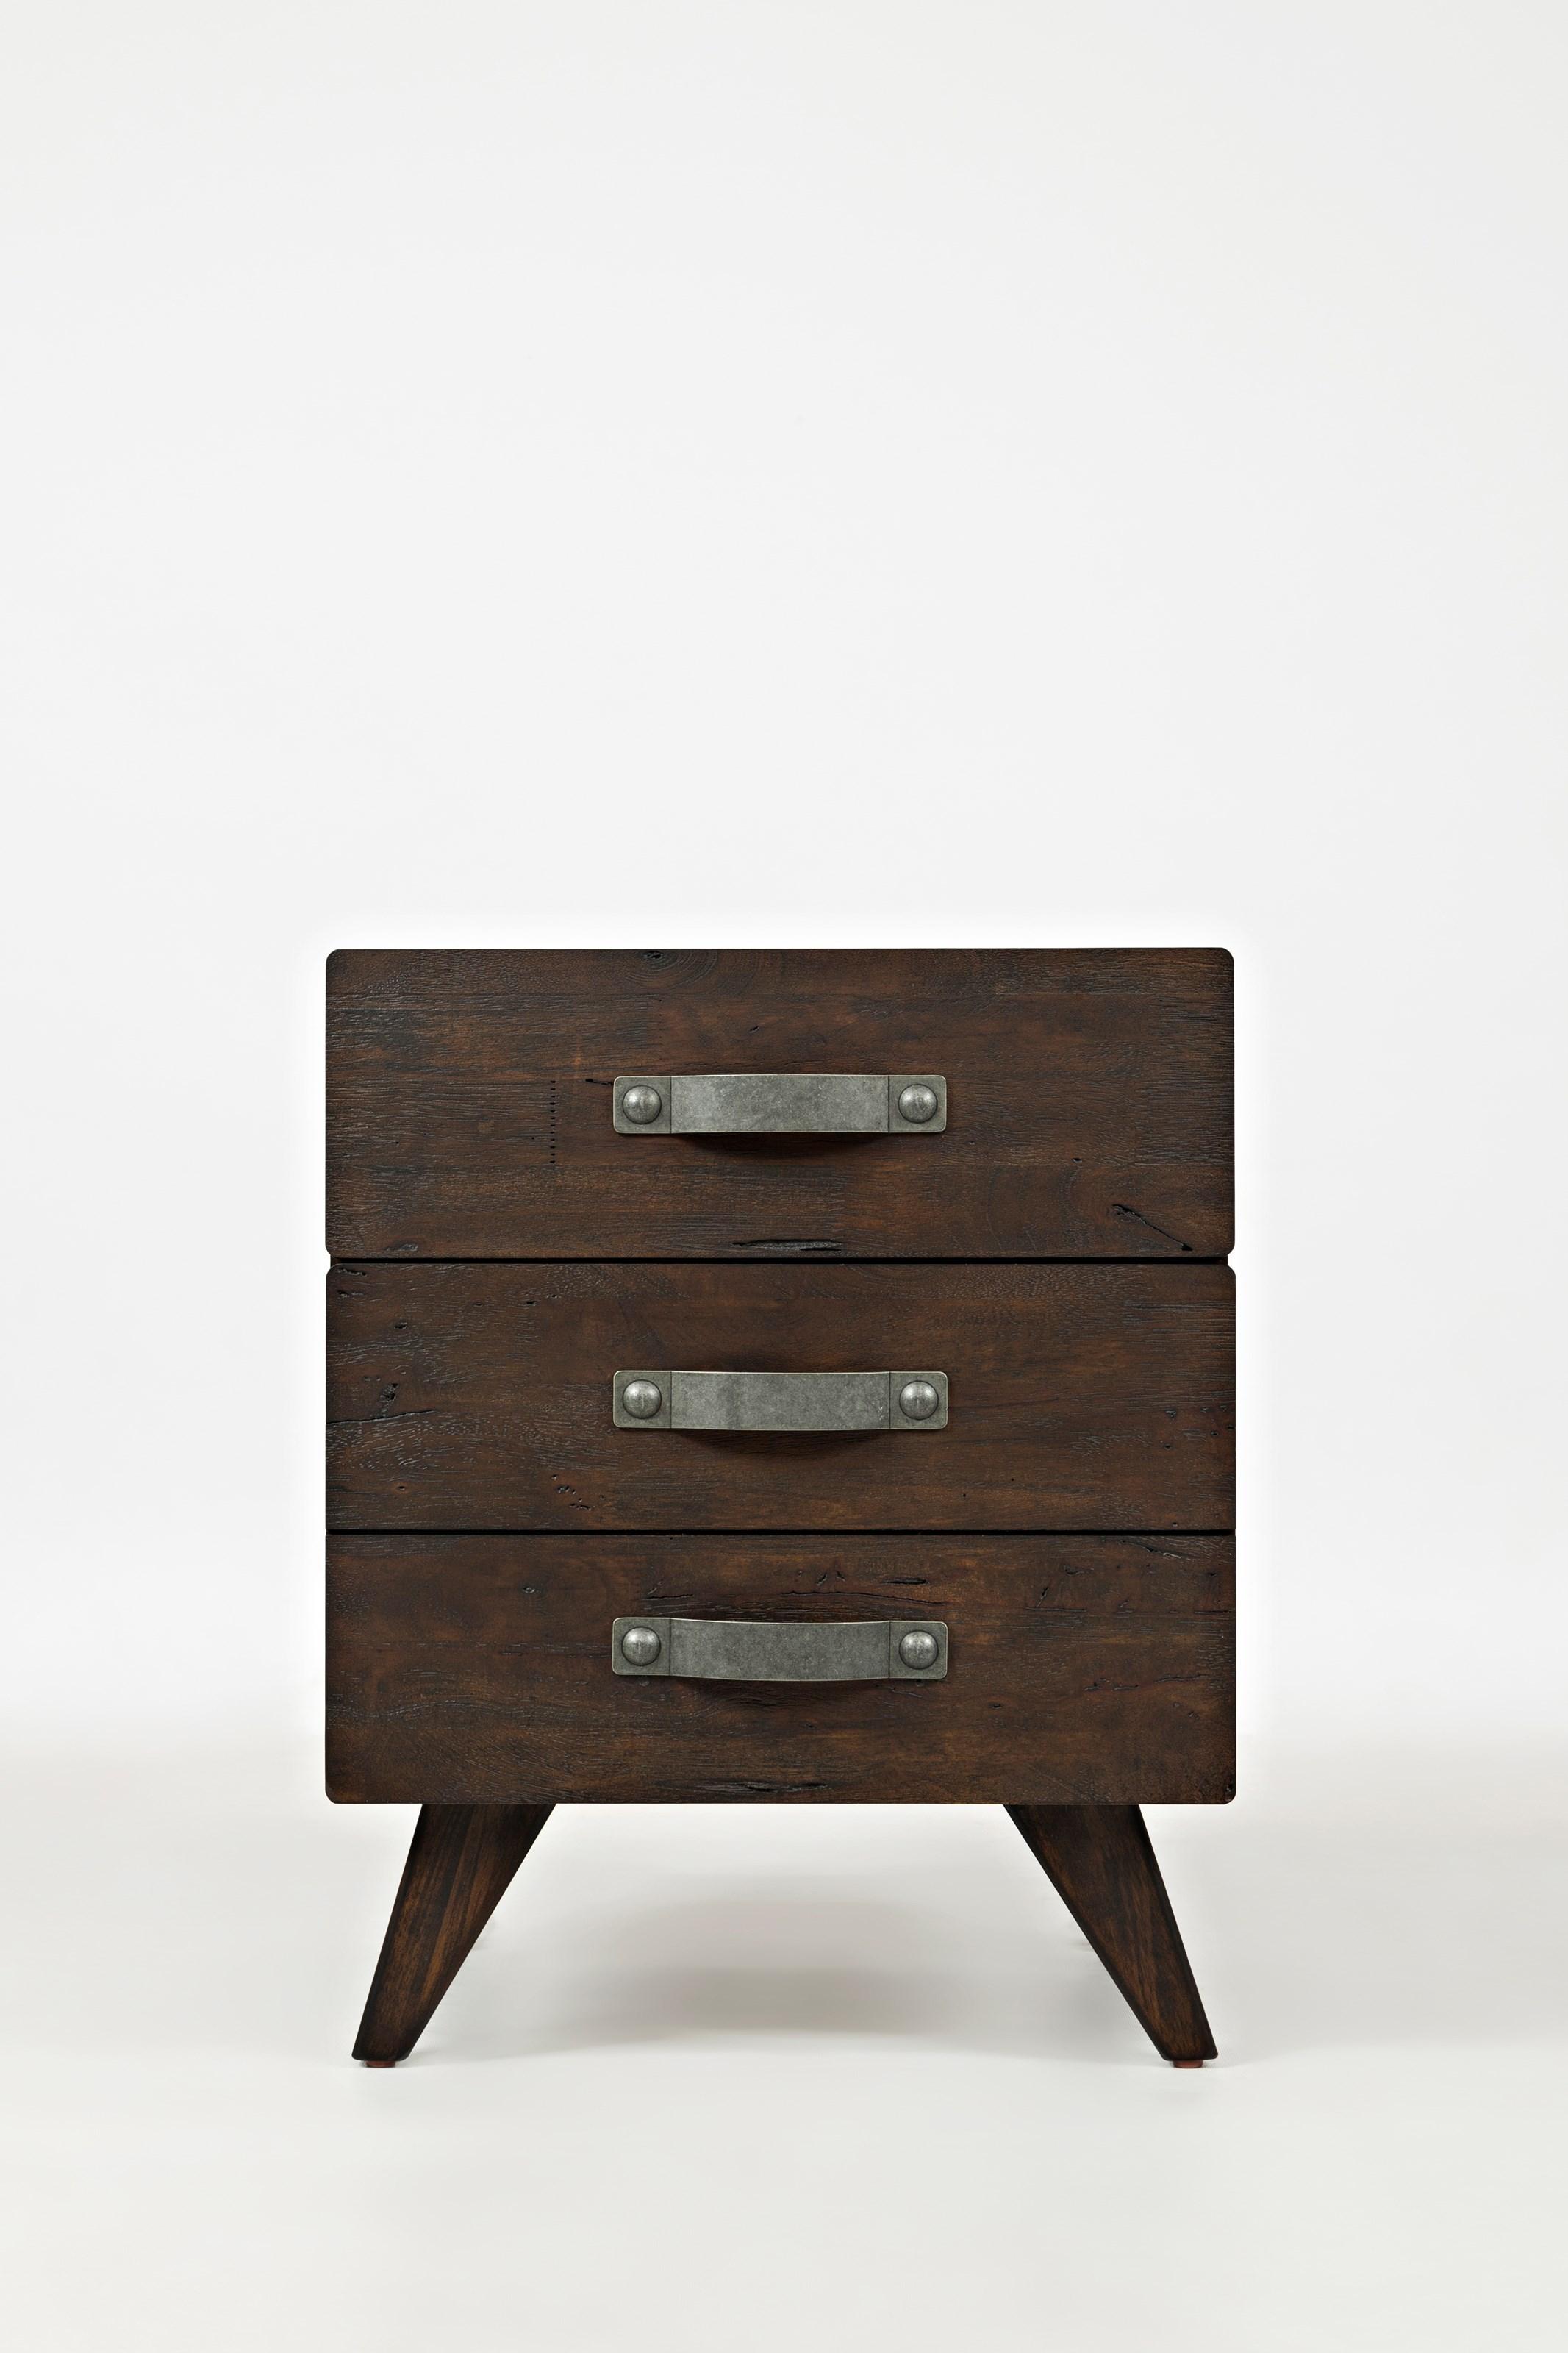 Jofran Sumatra Modern  End Table - Item Number: 1622-3